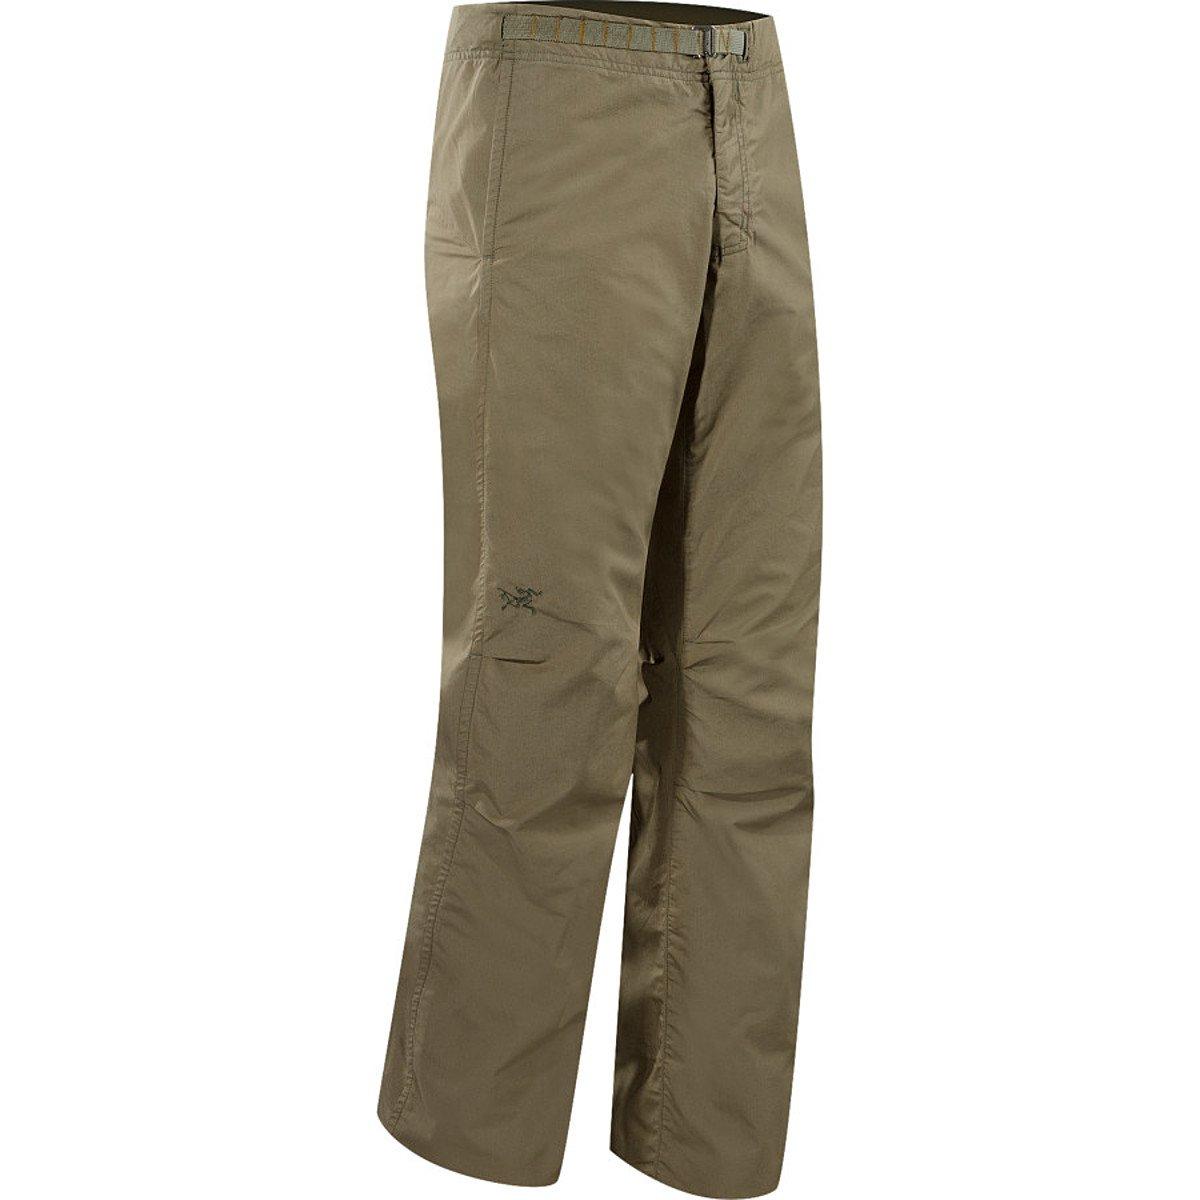 Arc'teryx Grifter Pants - Men's Cargo Green 34